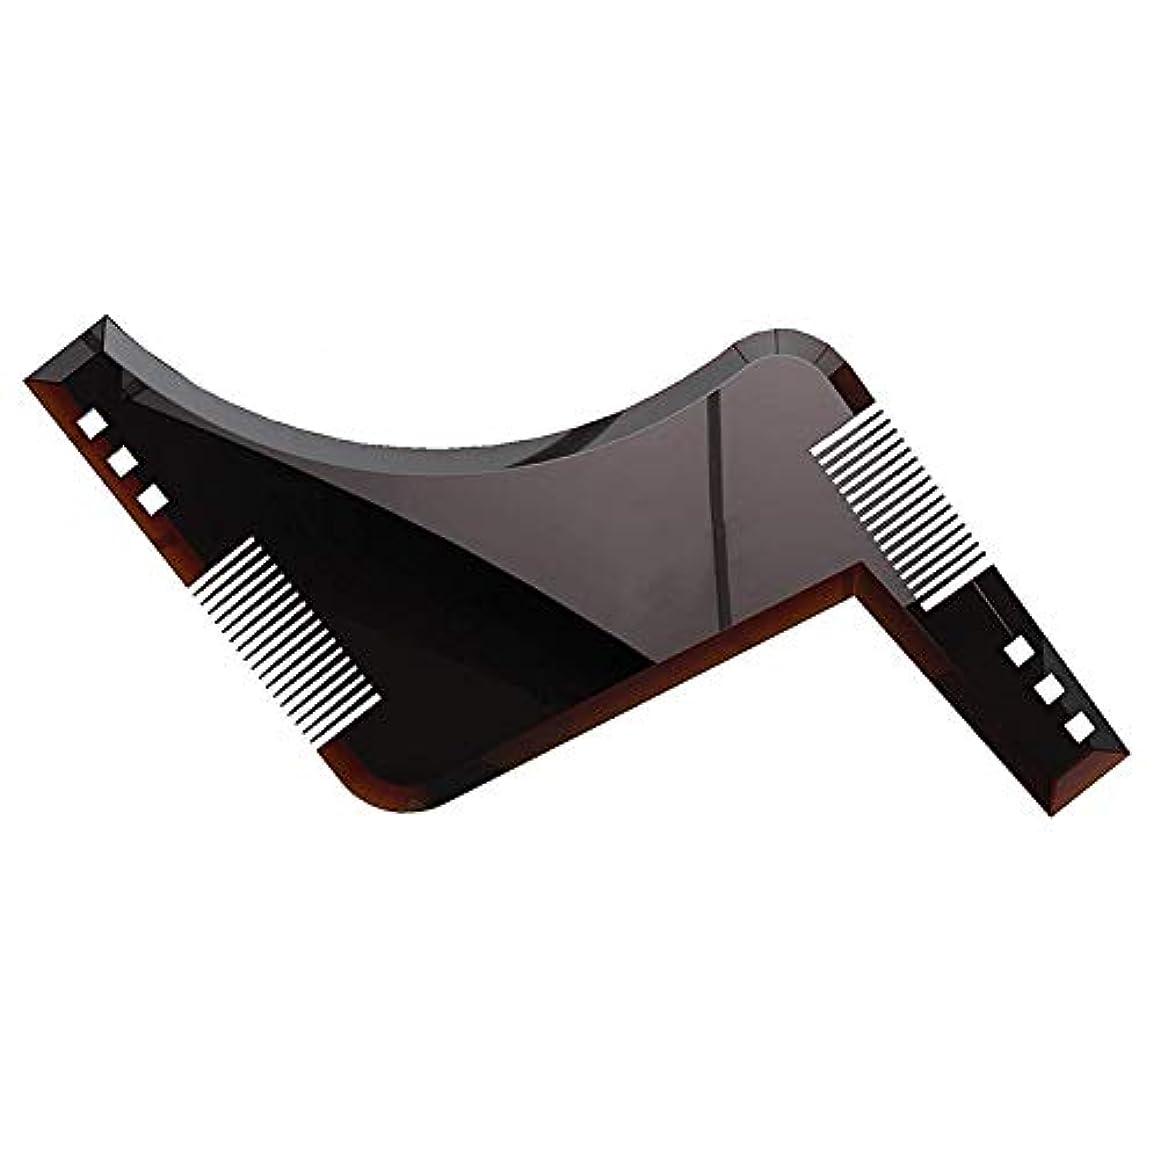 ビート気分が悪い製品TOOGOO ビアードシェーピングツール&スタイリングテンプレートプラス完璧なラインナップ&エッジングのための作り付けの櫛